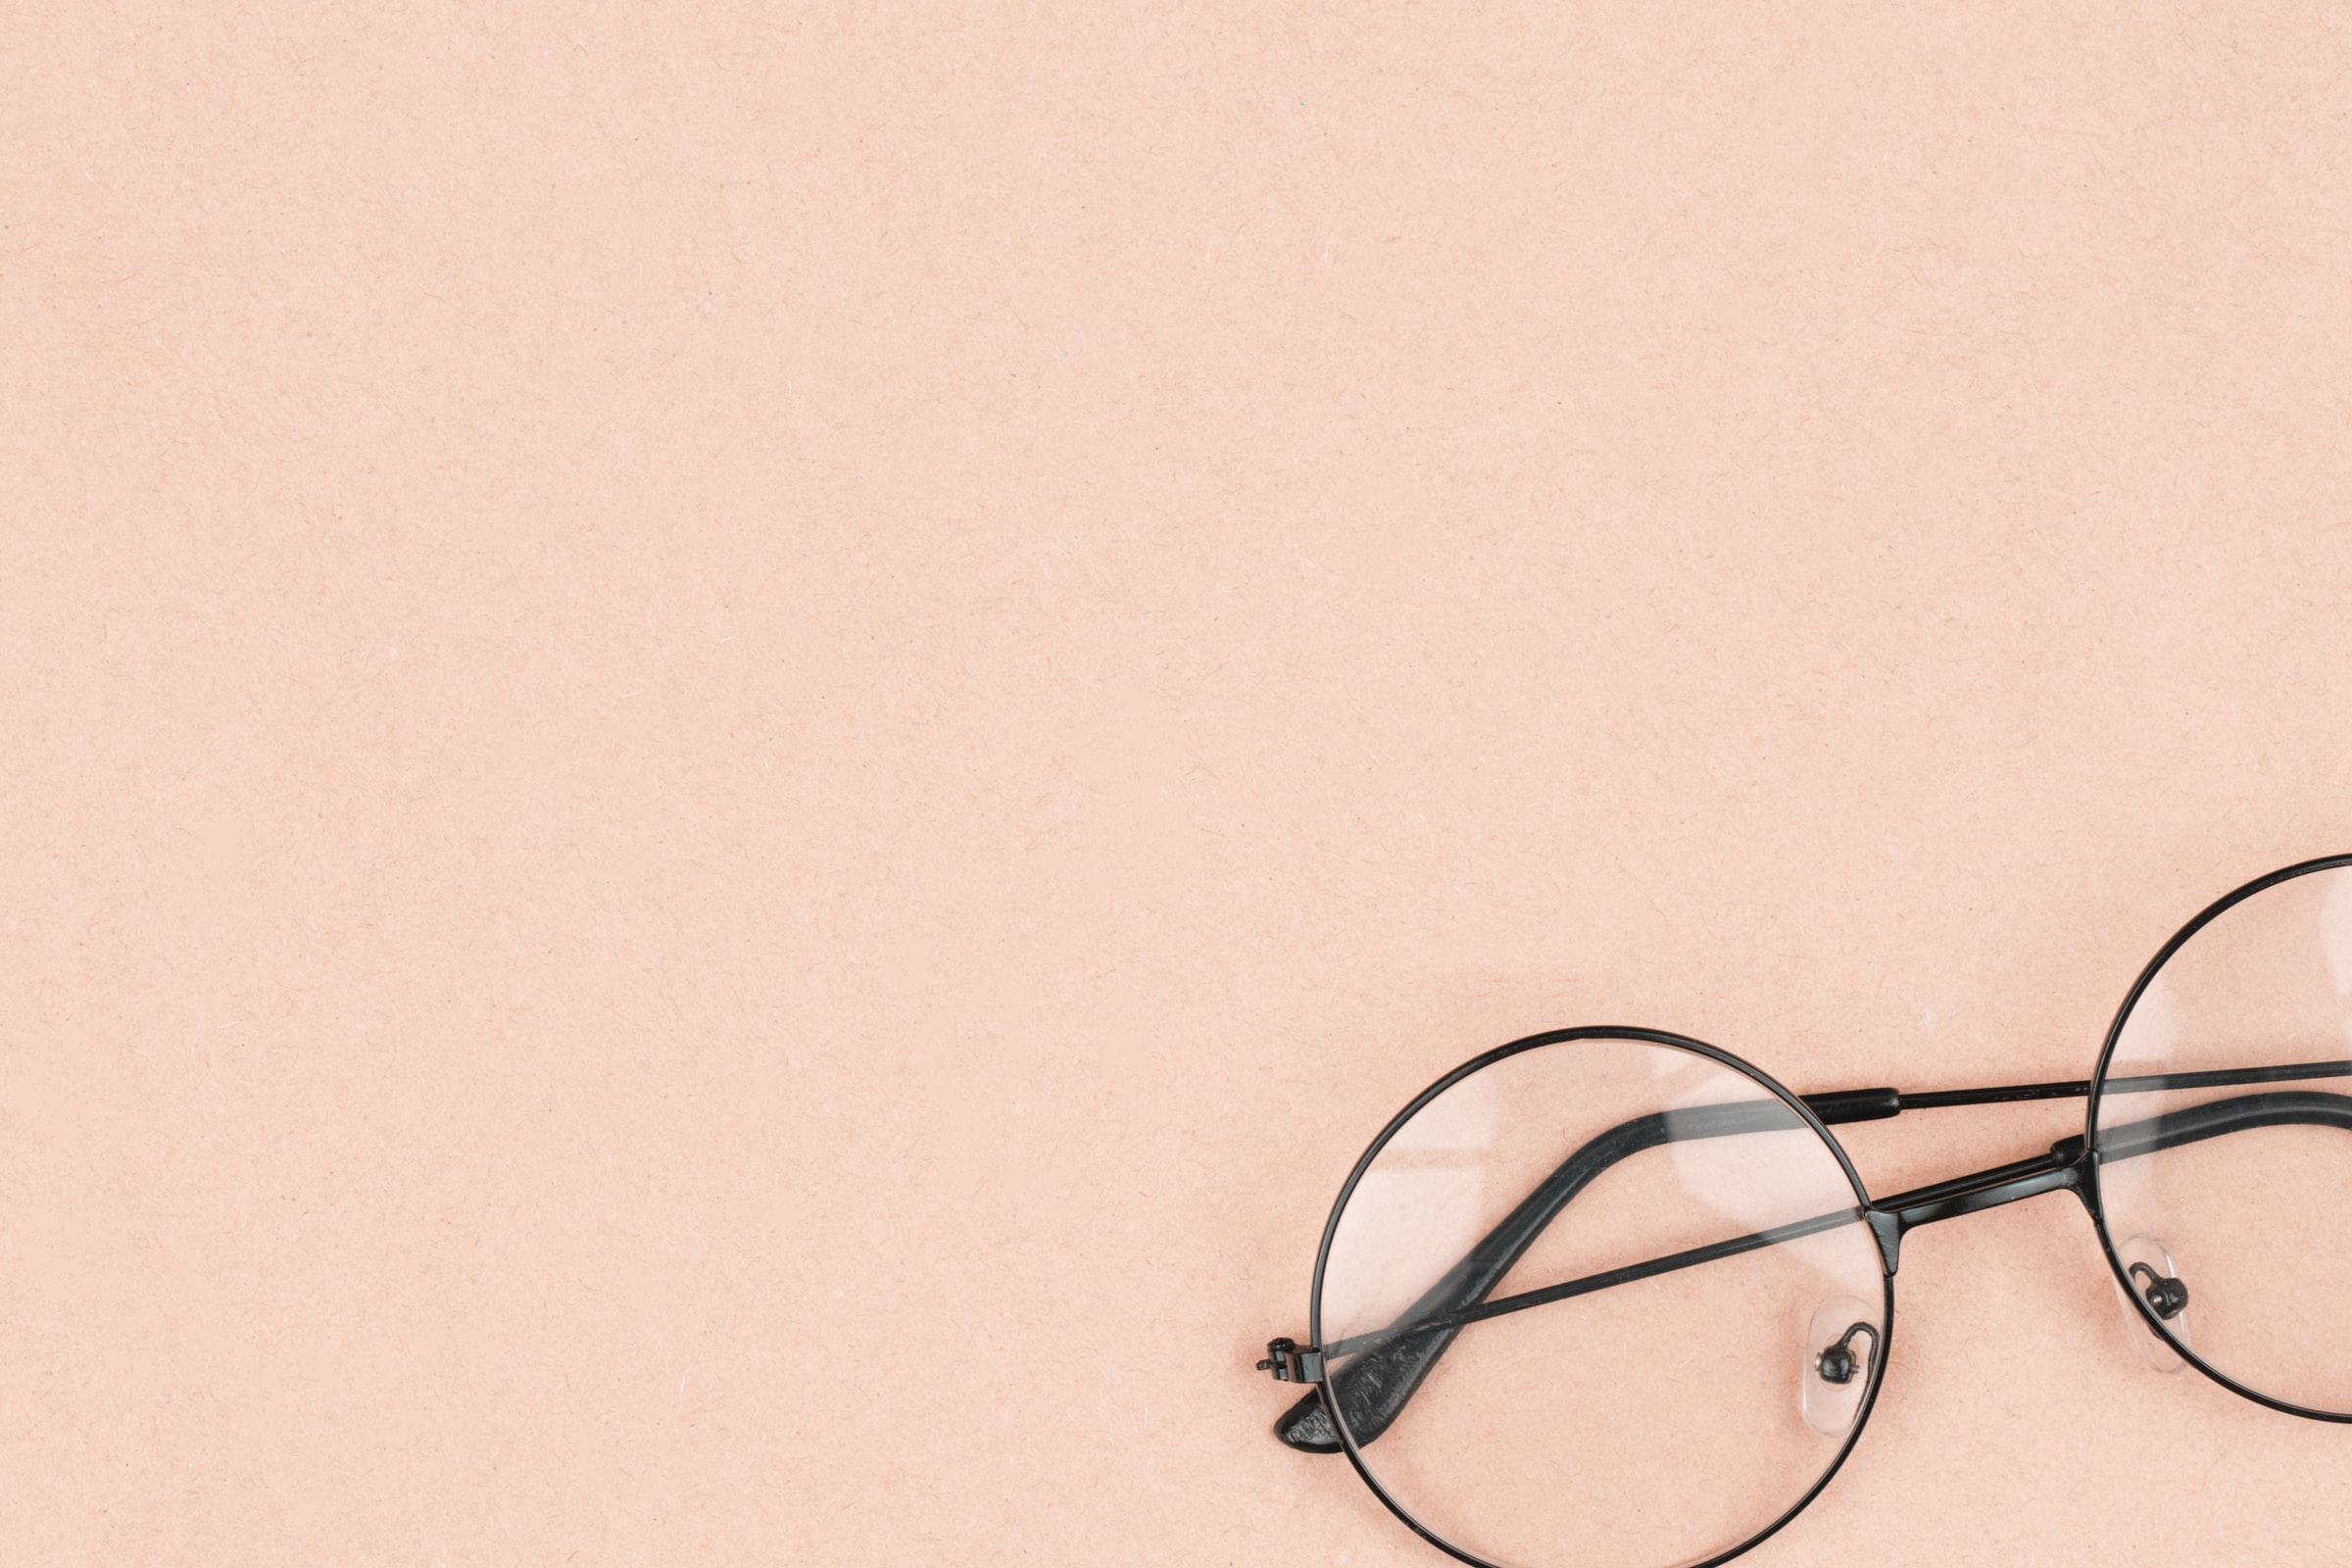 Une paire de lunette sur un fond beige